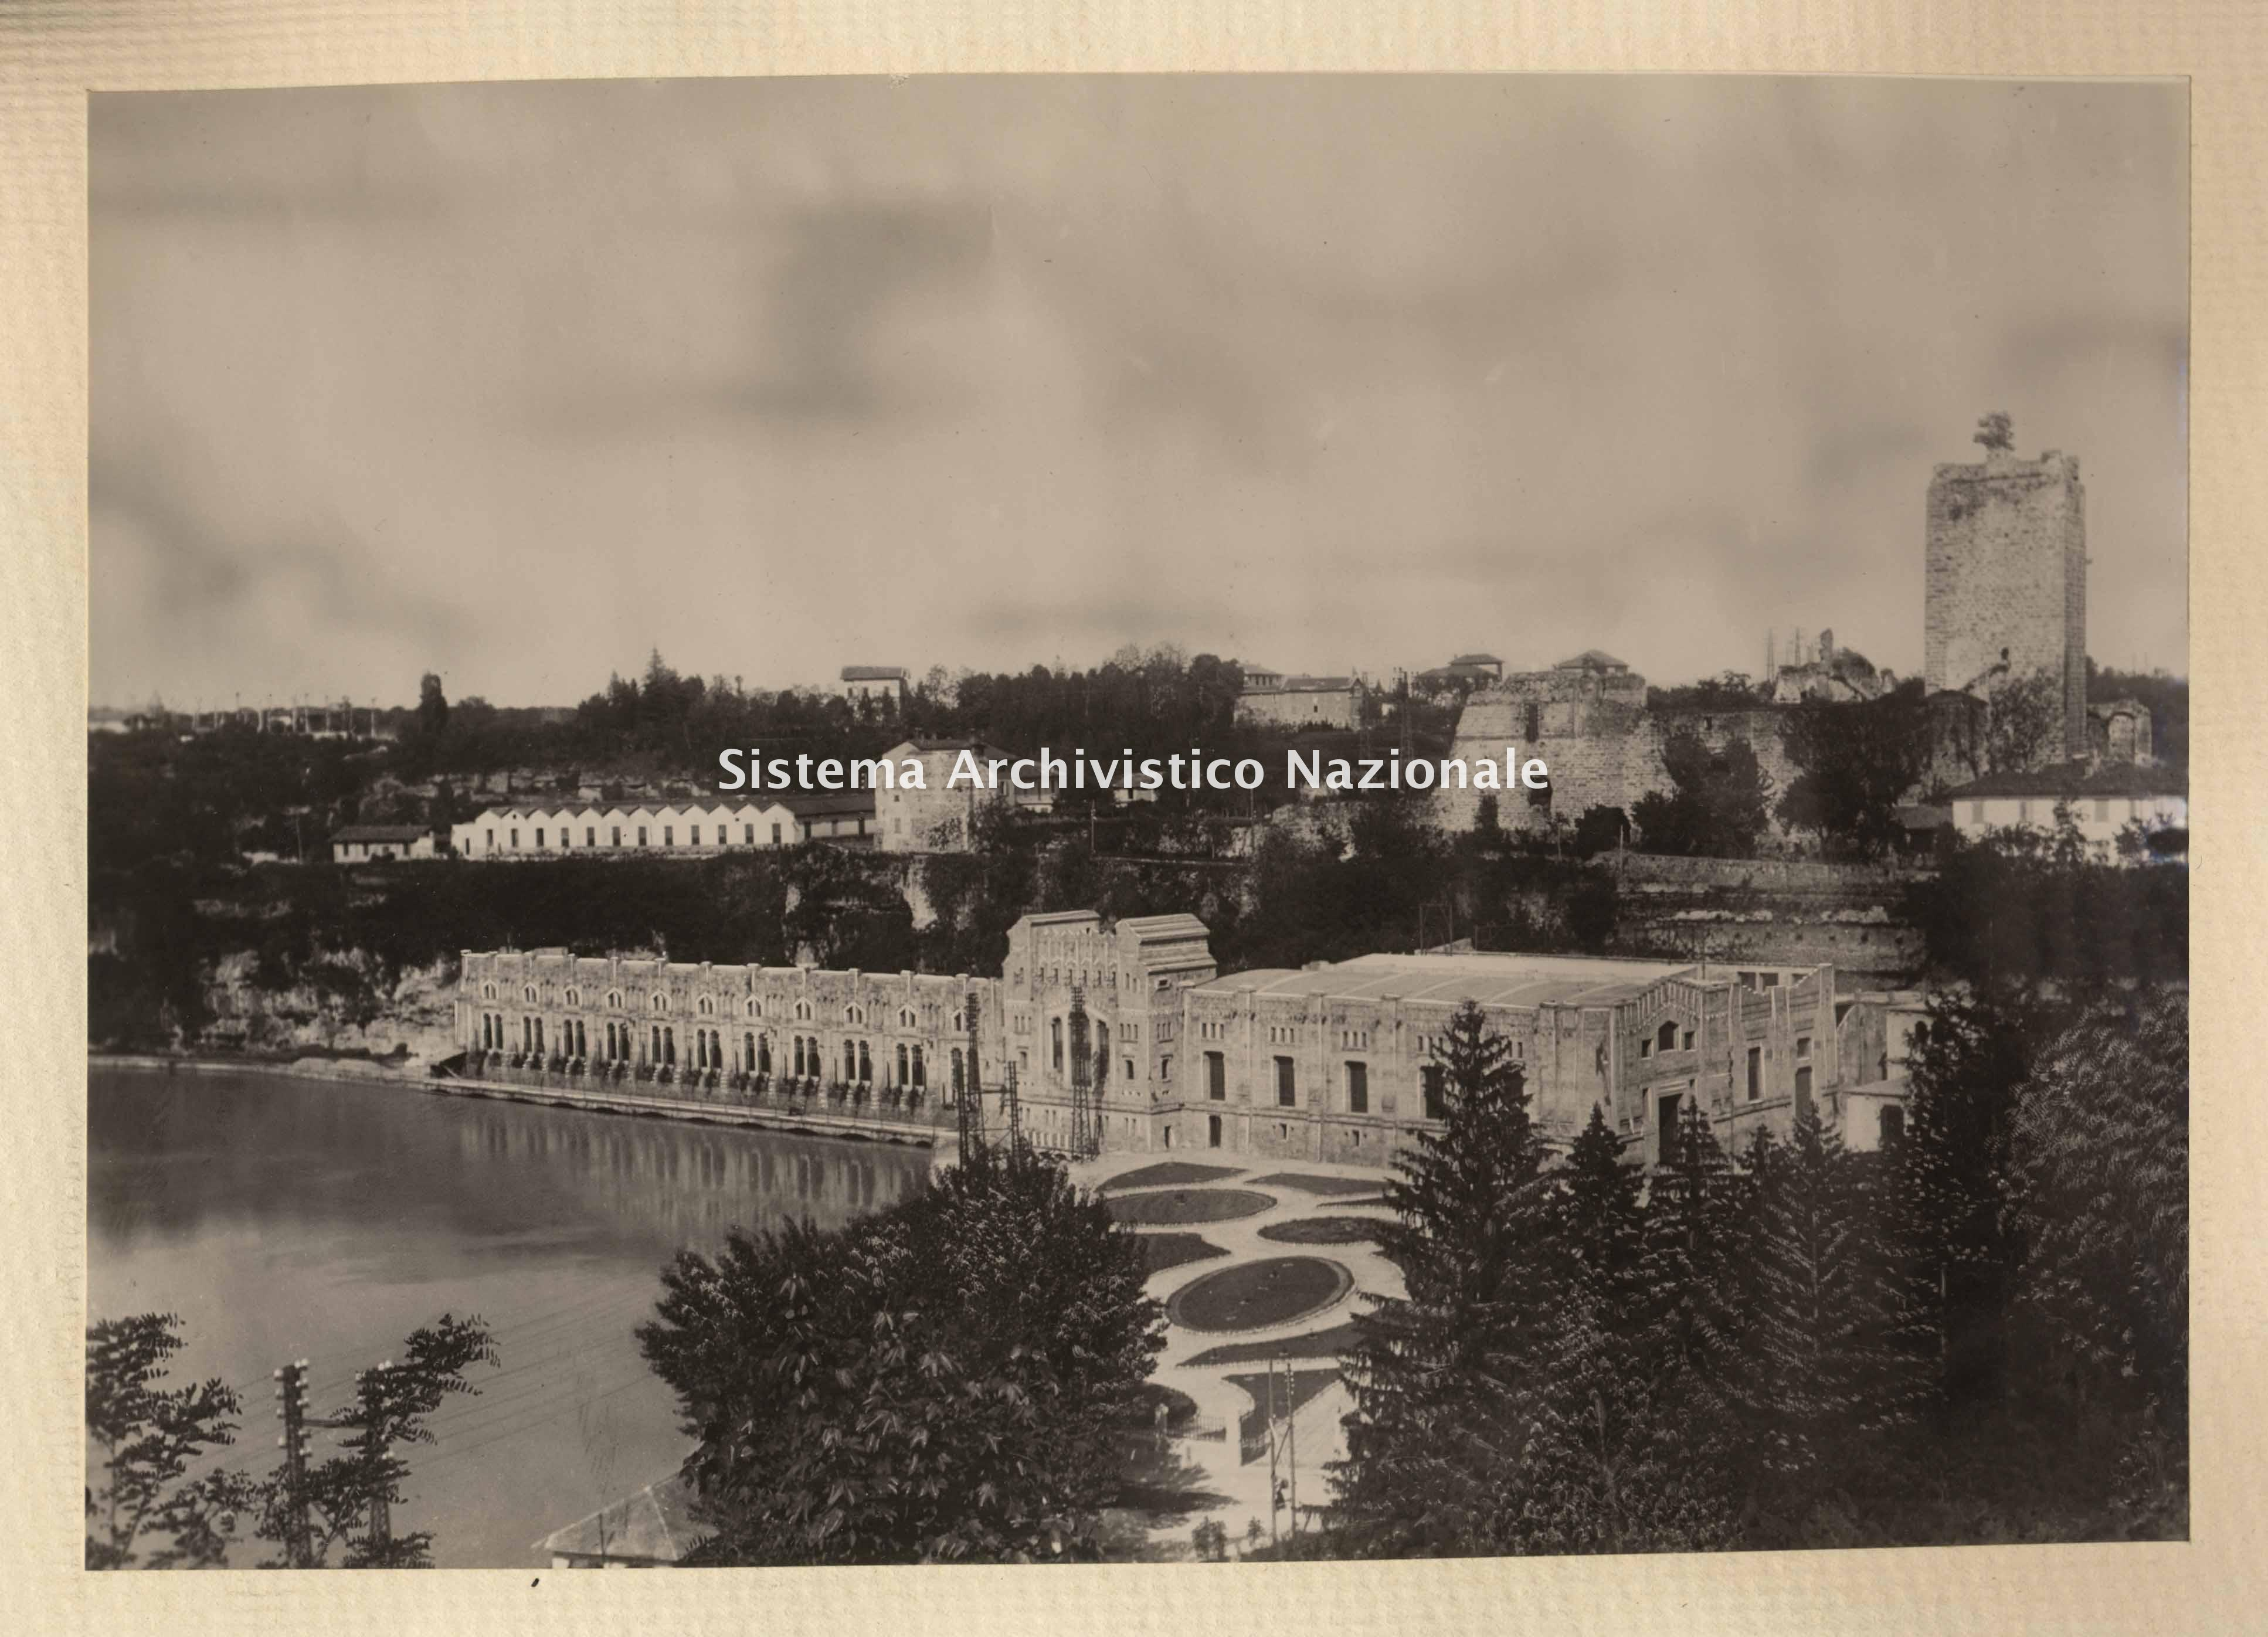 Centrale Benigno Crespi della Società per le Forze Idrauliche di Trezzo sull'Adda, 1918.